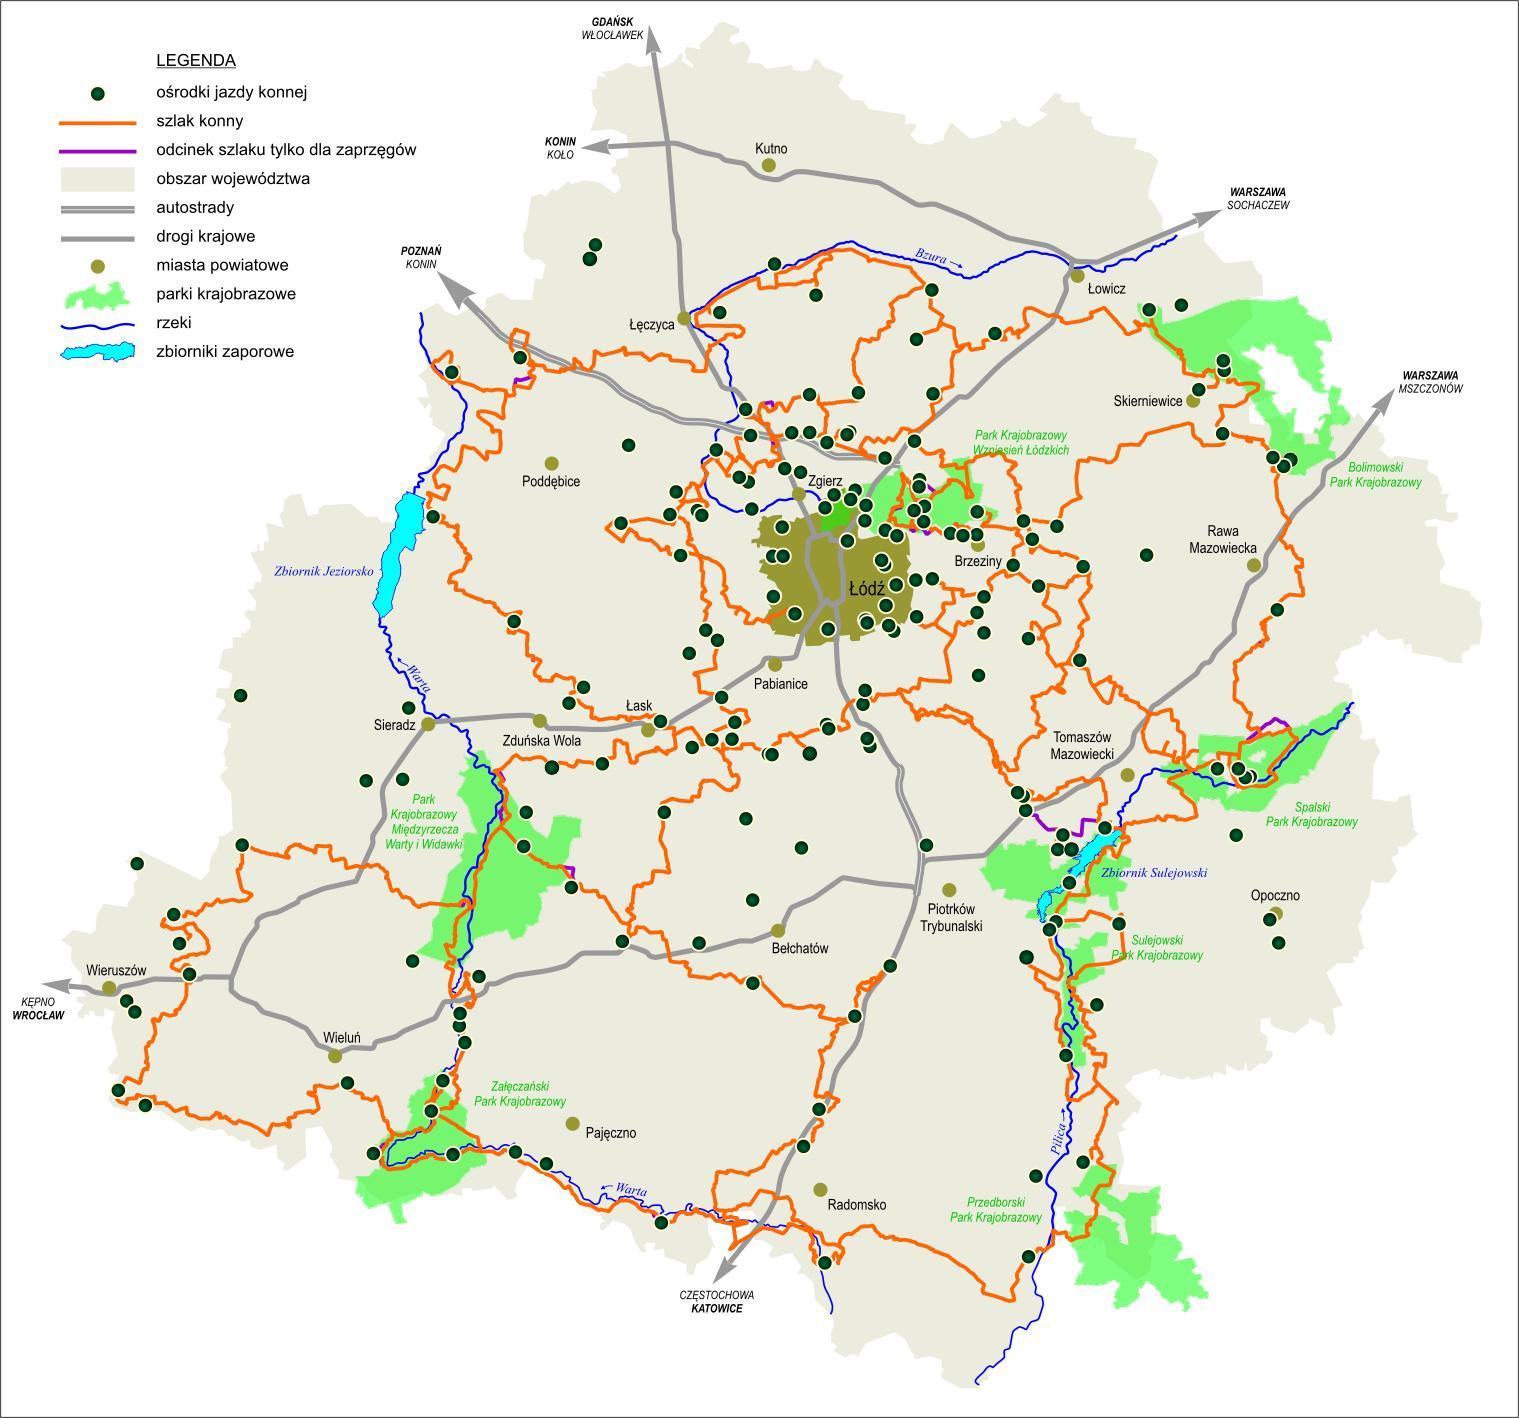 LodzkiSzlakKonny_mapa